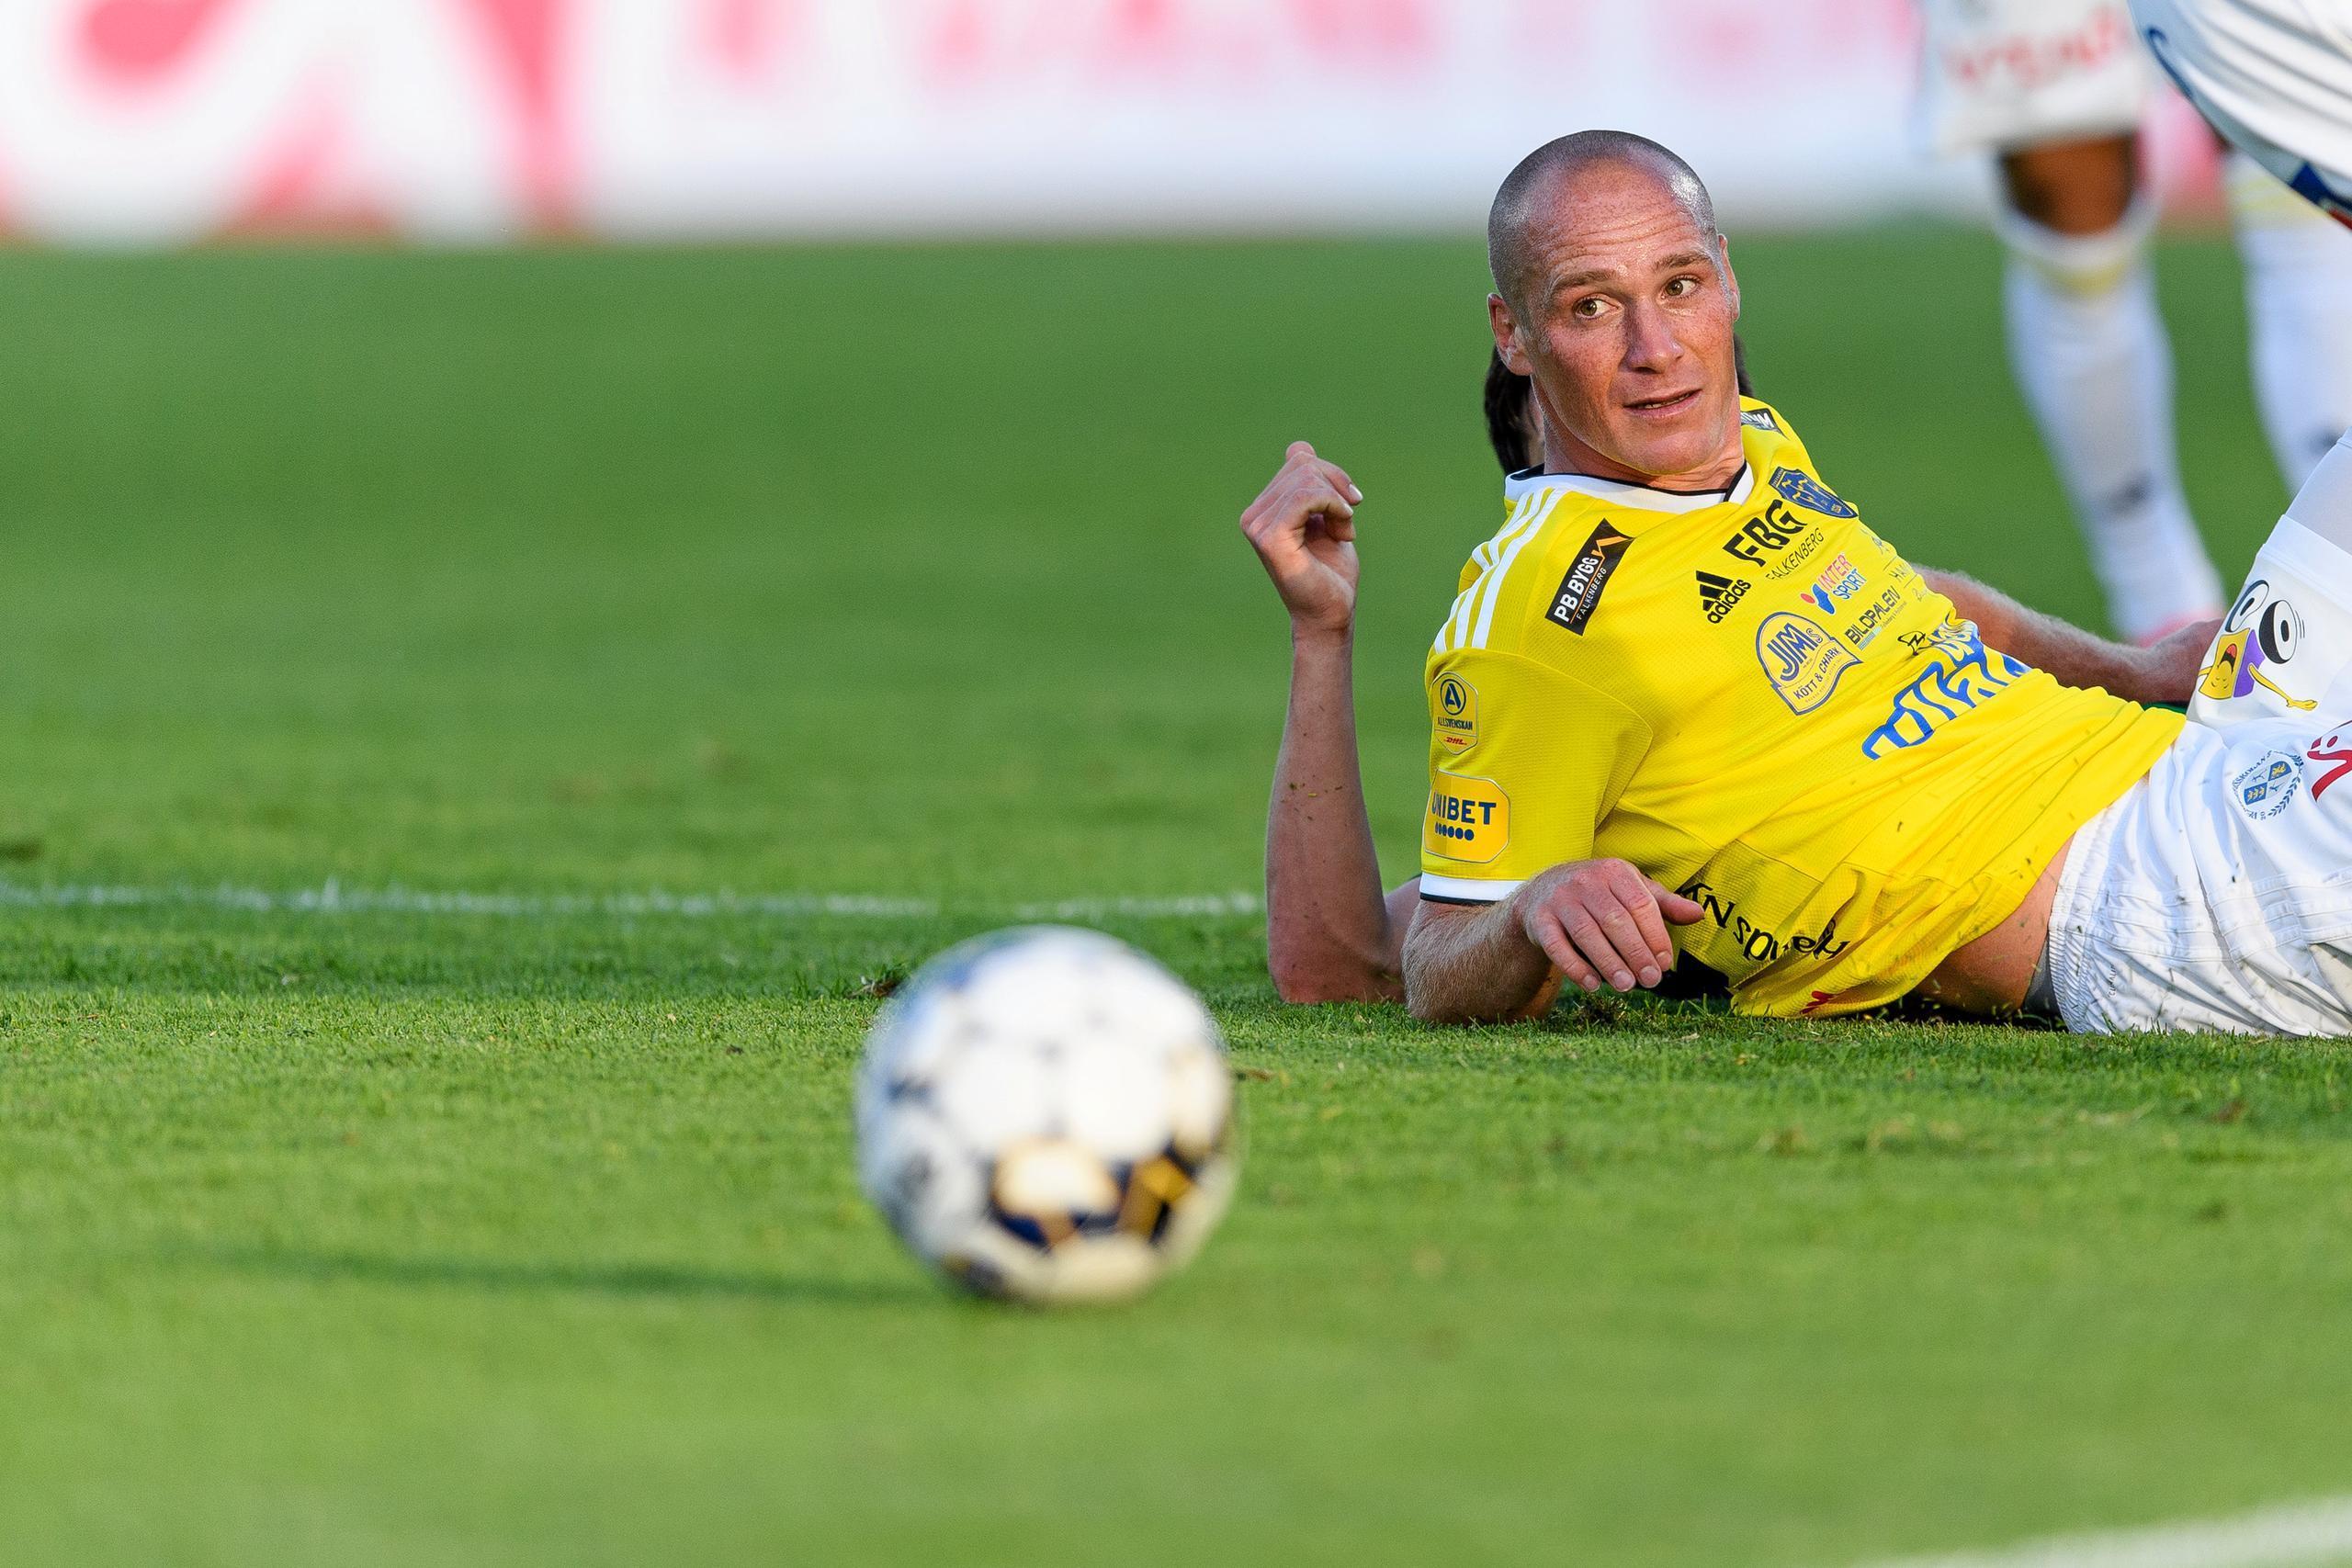 Följ Falkenbergs FF mot Sirius i Allsvenskan